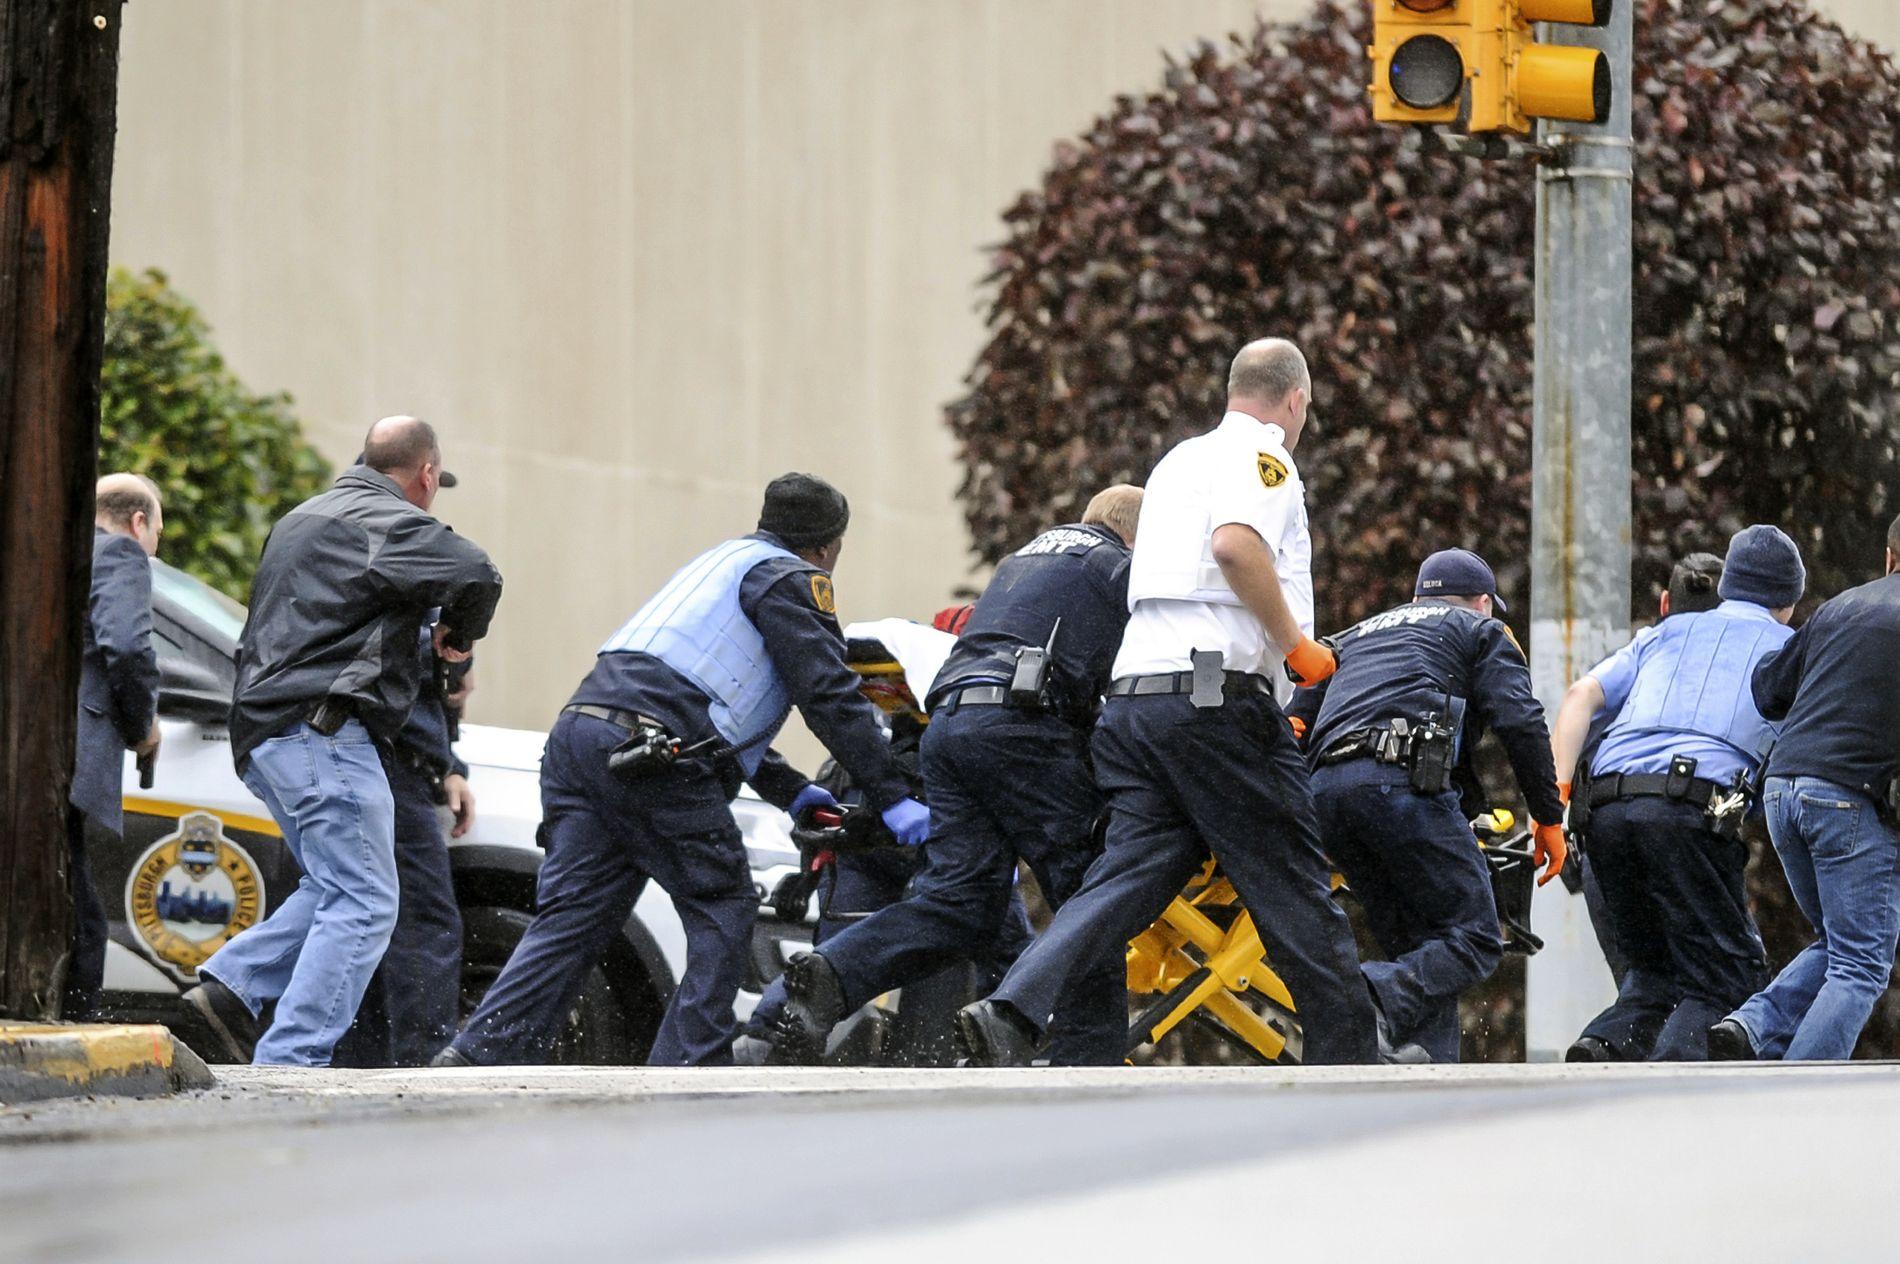 HJELP: En skadet person fraktes bort fra åstedet.